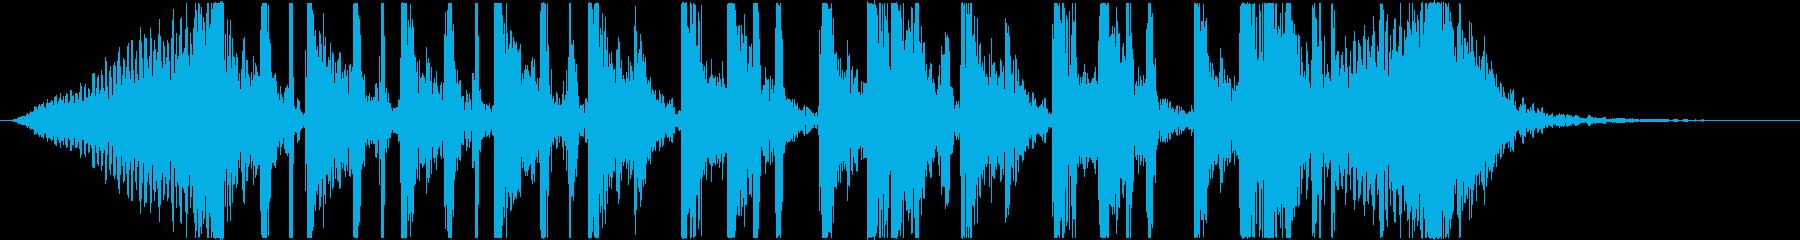 ヒップホップ風のアクティブなジングルの再生済みの波形